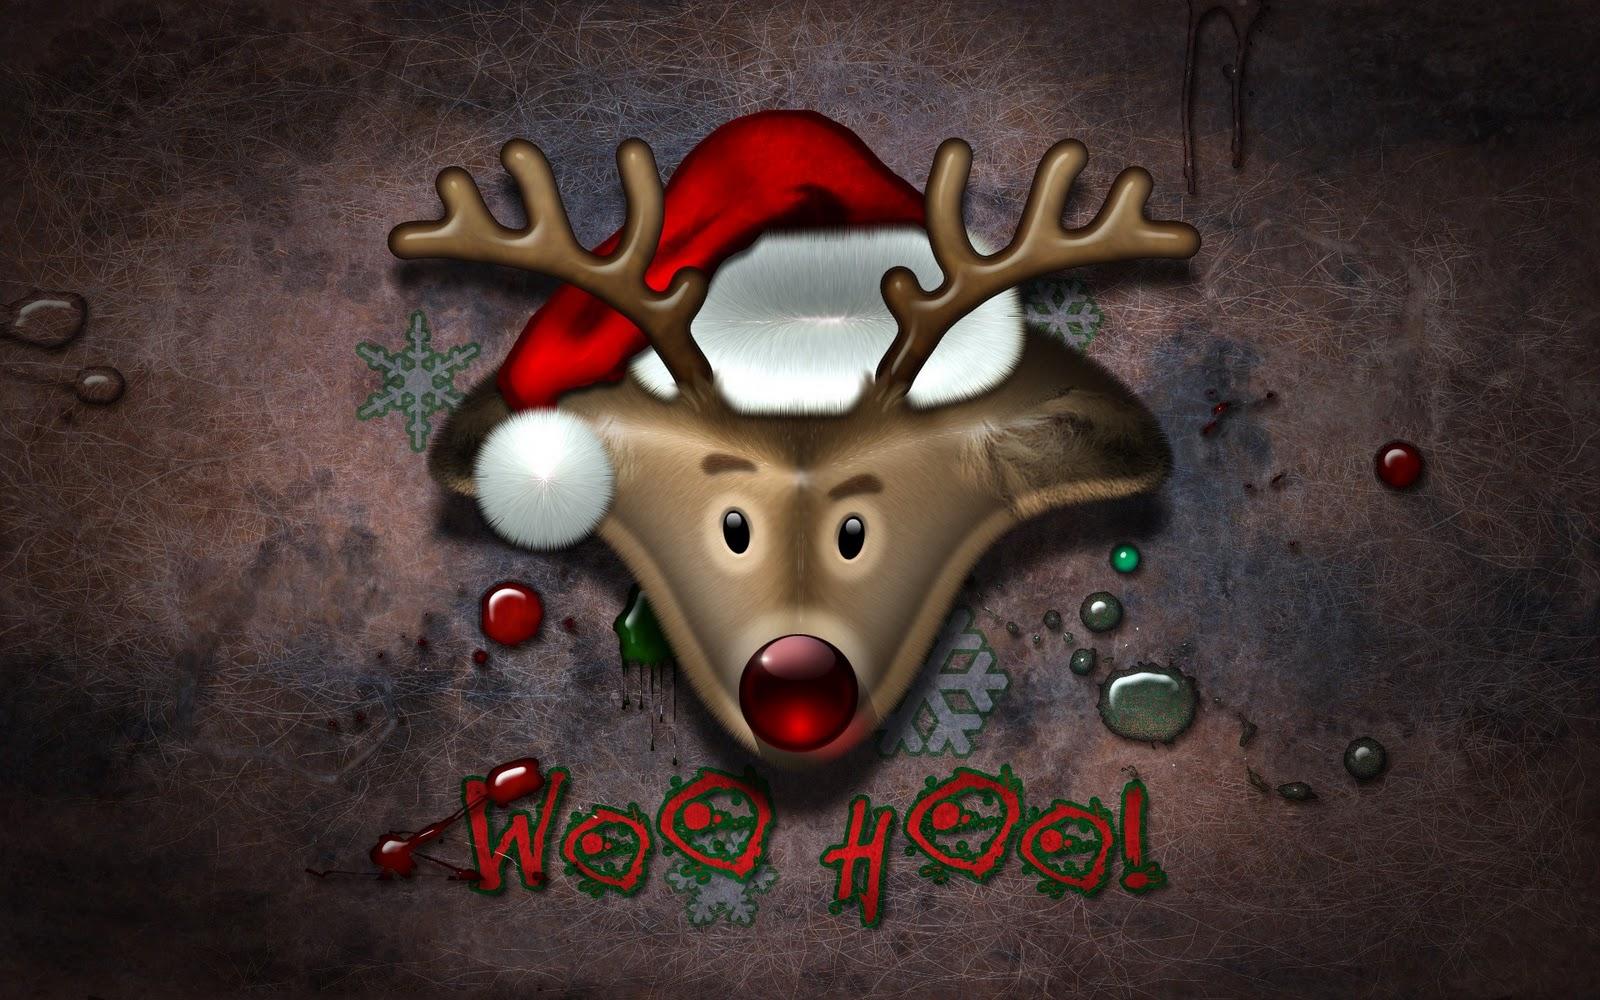 http://1.bp.blogspot.com/-CEac2XsQZL0/Tt8OPkz1olI/AAAAAAAAAdA/lAr0ExDMii8/s1600/Reindeer+Christmas+Holiday+HD+Wallpaper+-+UniqueWalls.Blogspot.Com.jpg